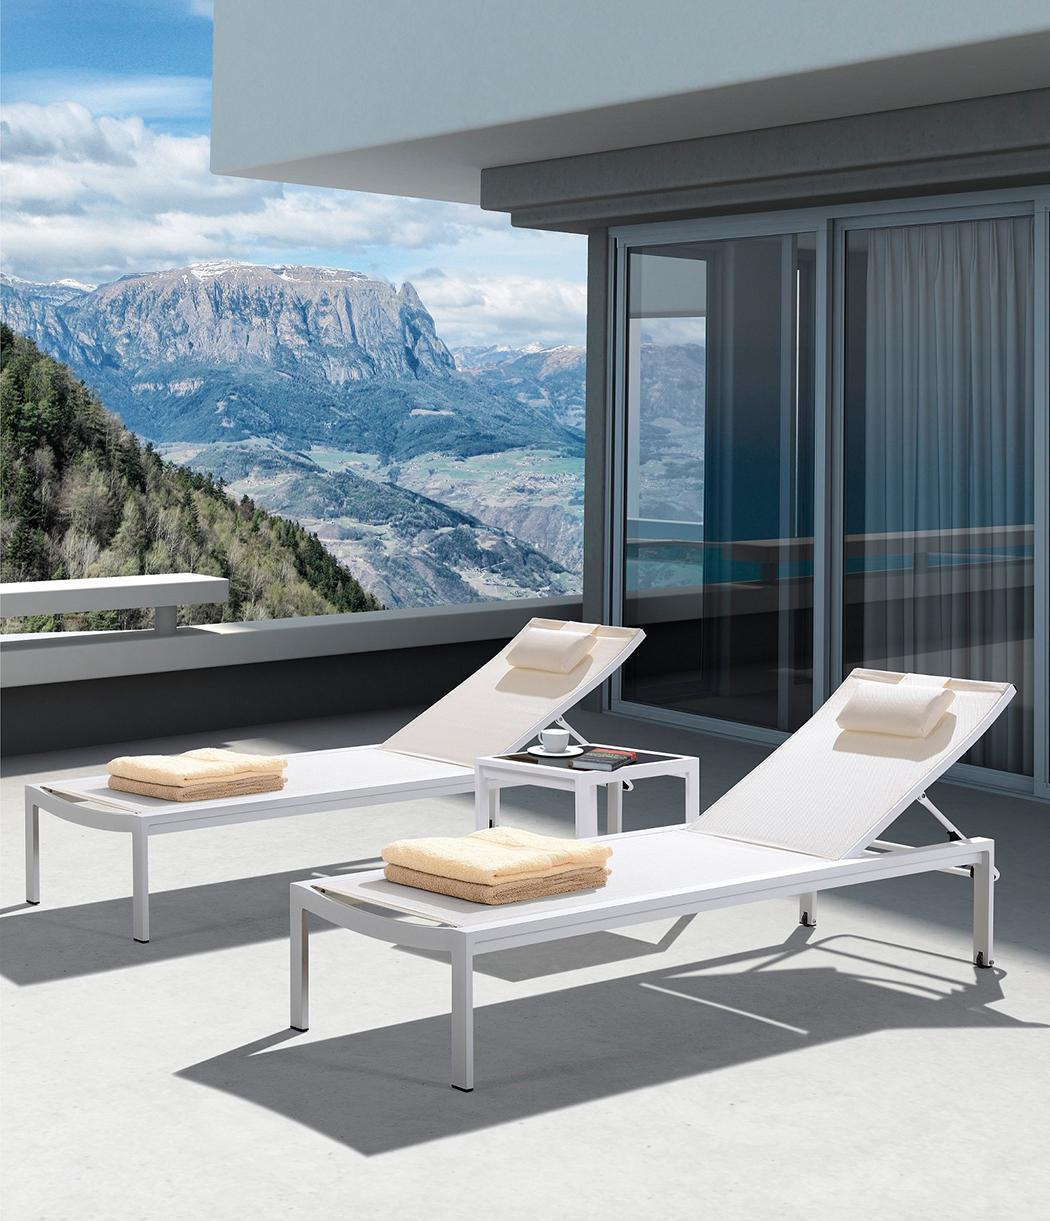 Gartenliege Sonnenliege COCKTAIL Alu/Textil - Weiß/Creme - 2er-Set Rollliege mit verstellbarem Kopfteil